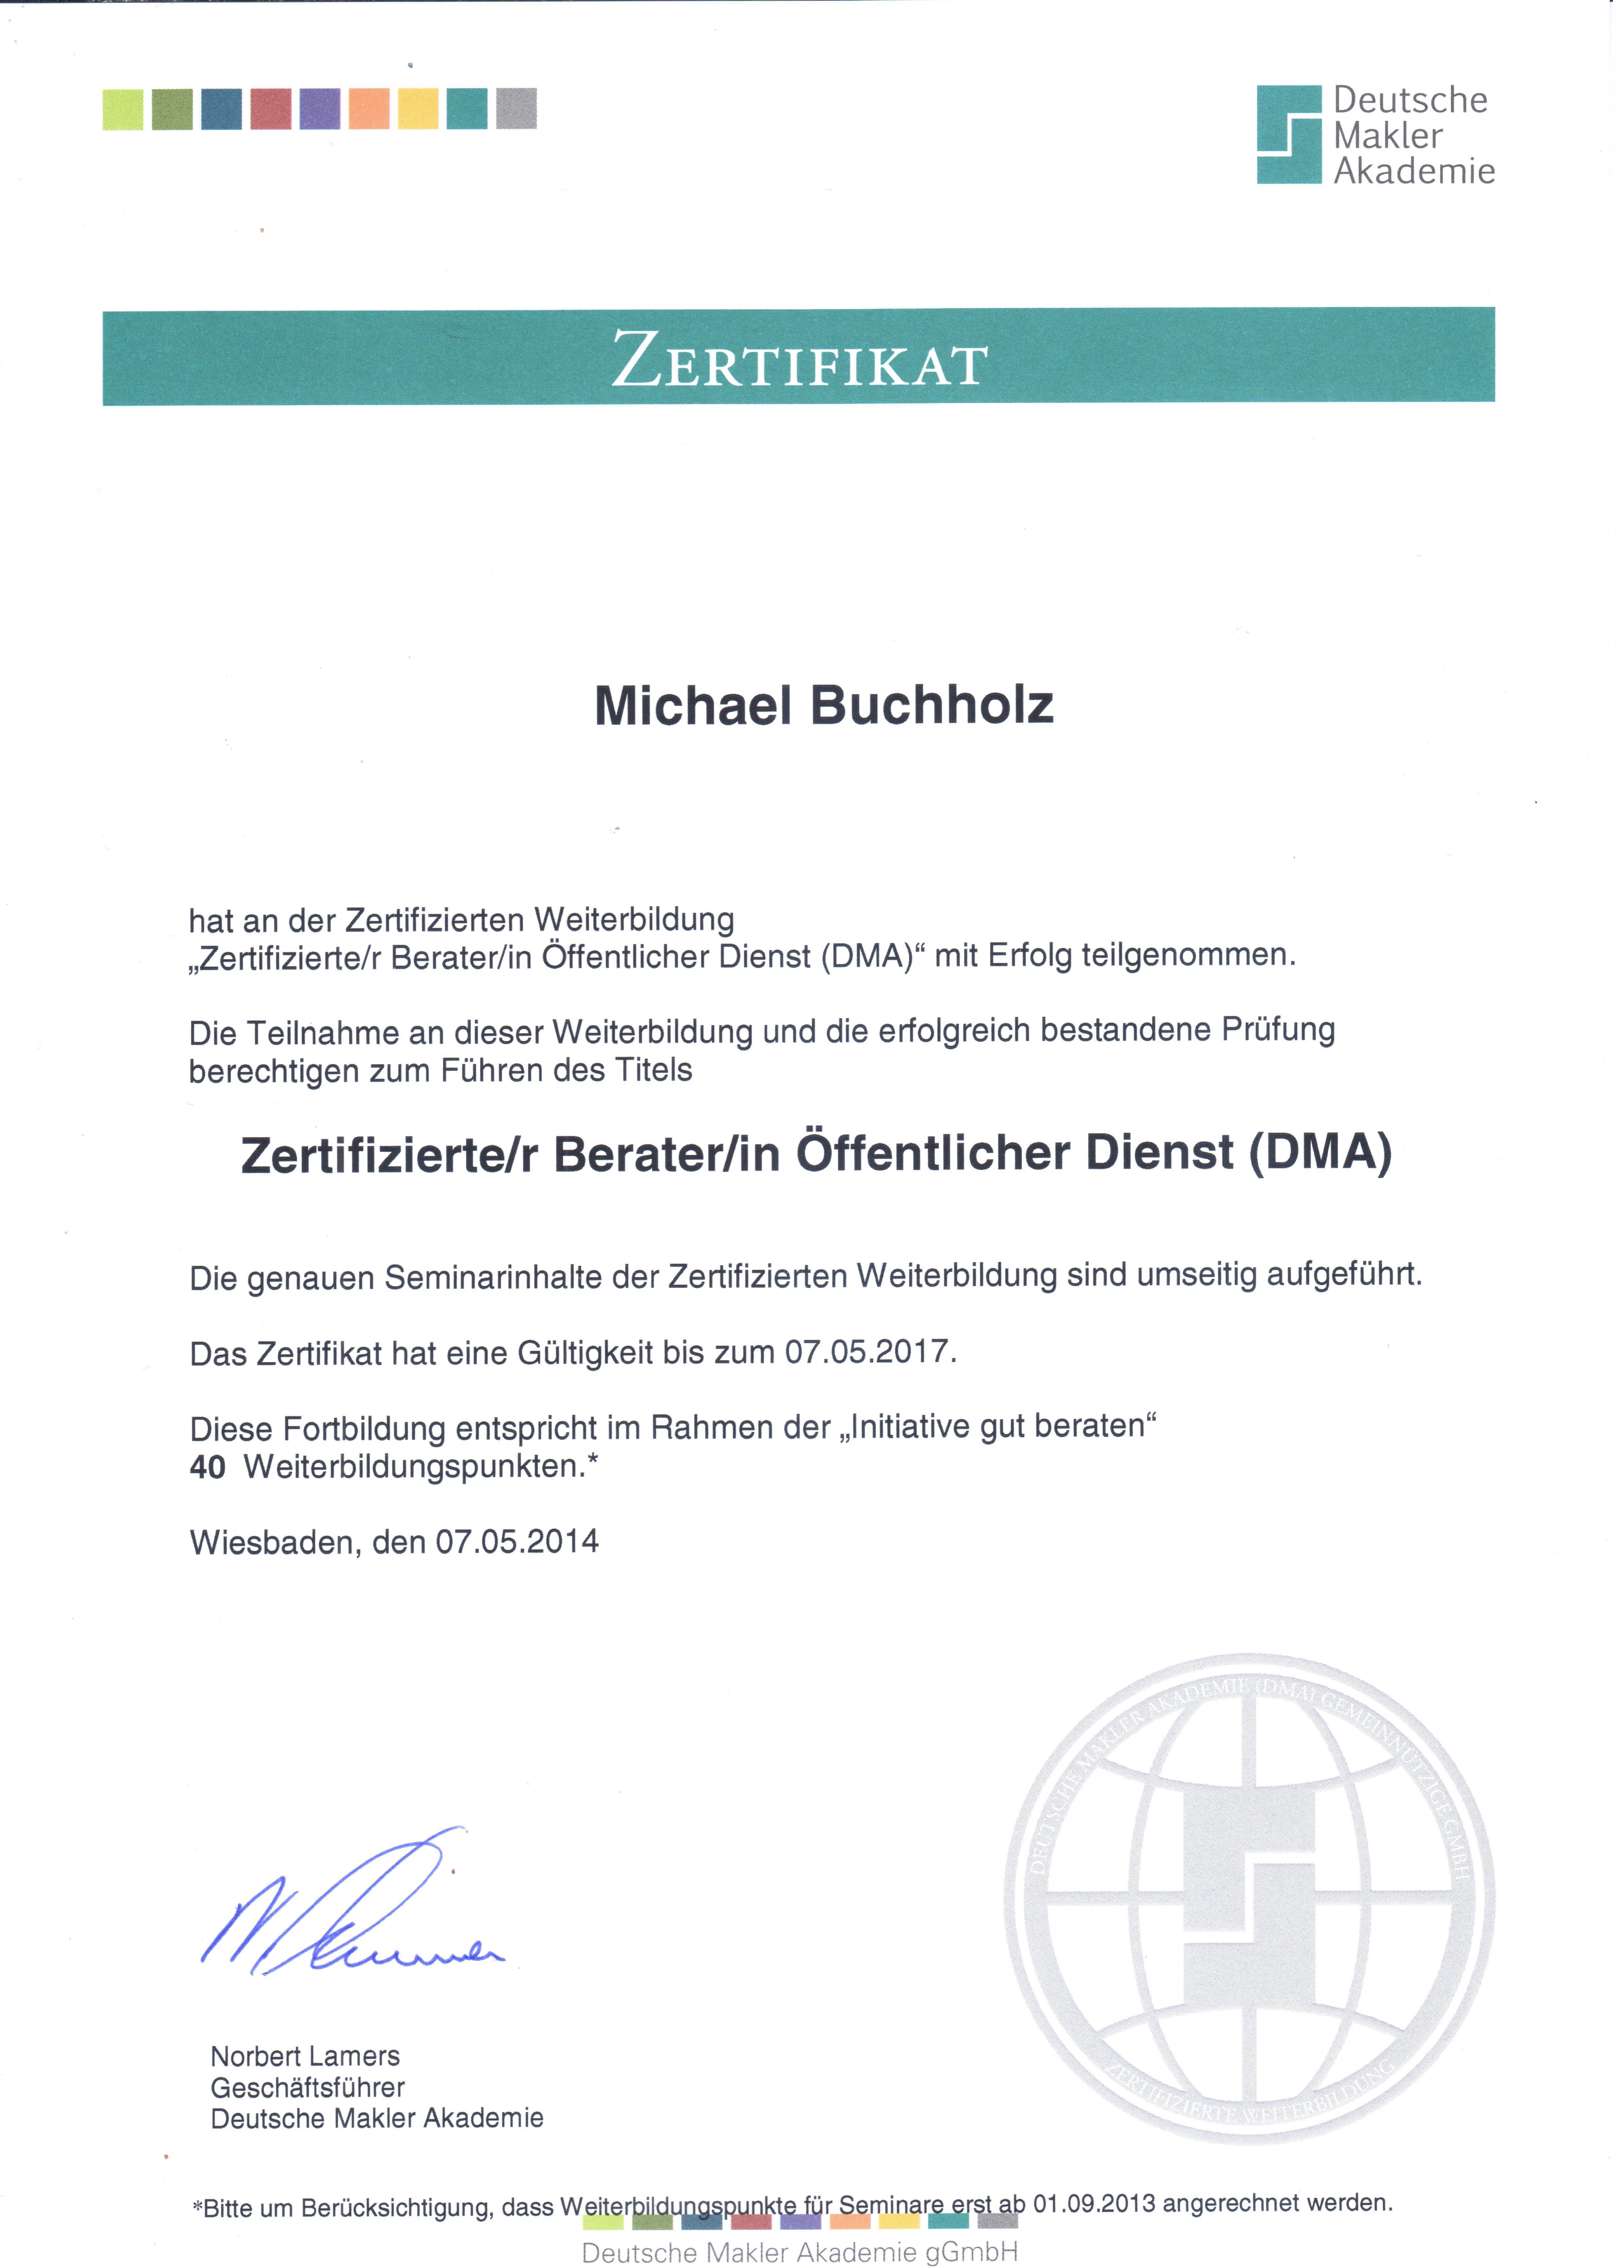 das DMA Zeugnis von Michael Buchholz, Beamtencircle